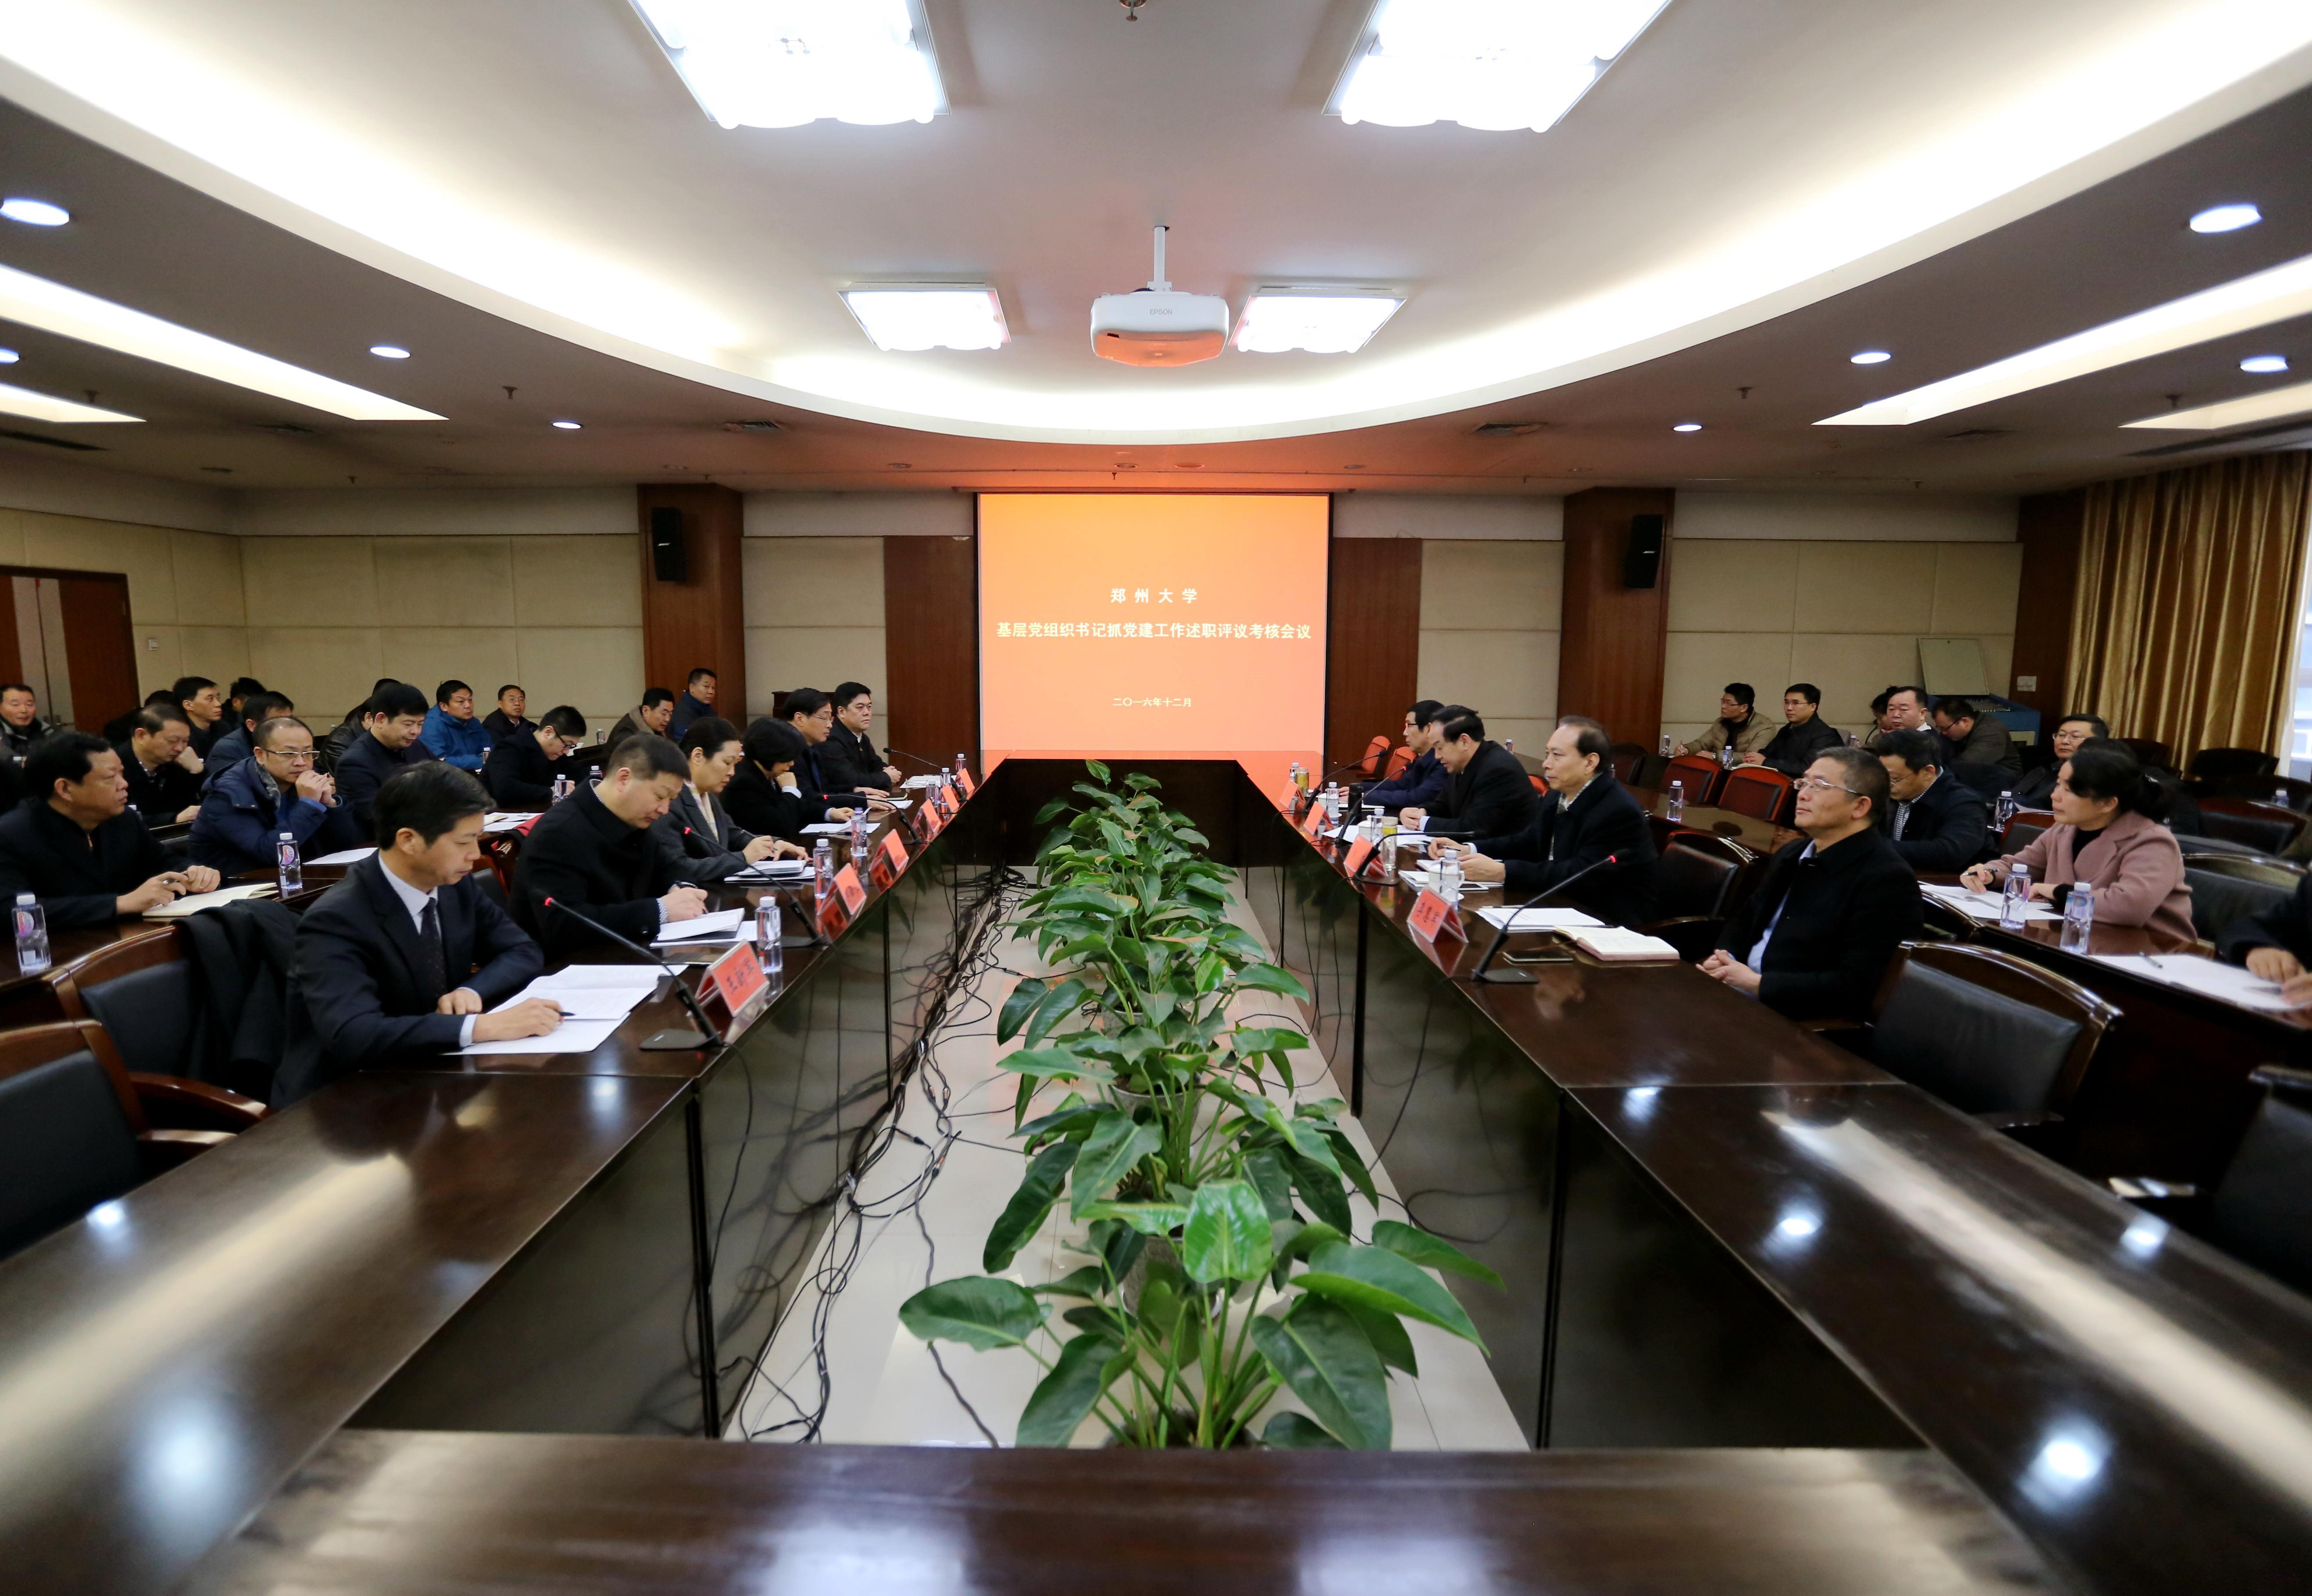 郑州大学 召开基层党组织书记抓党建工作述职评议考核会议